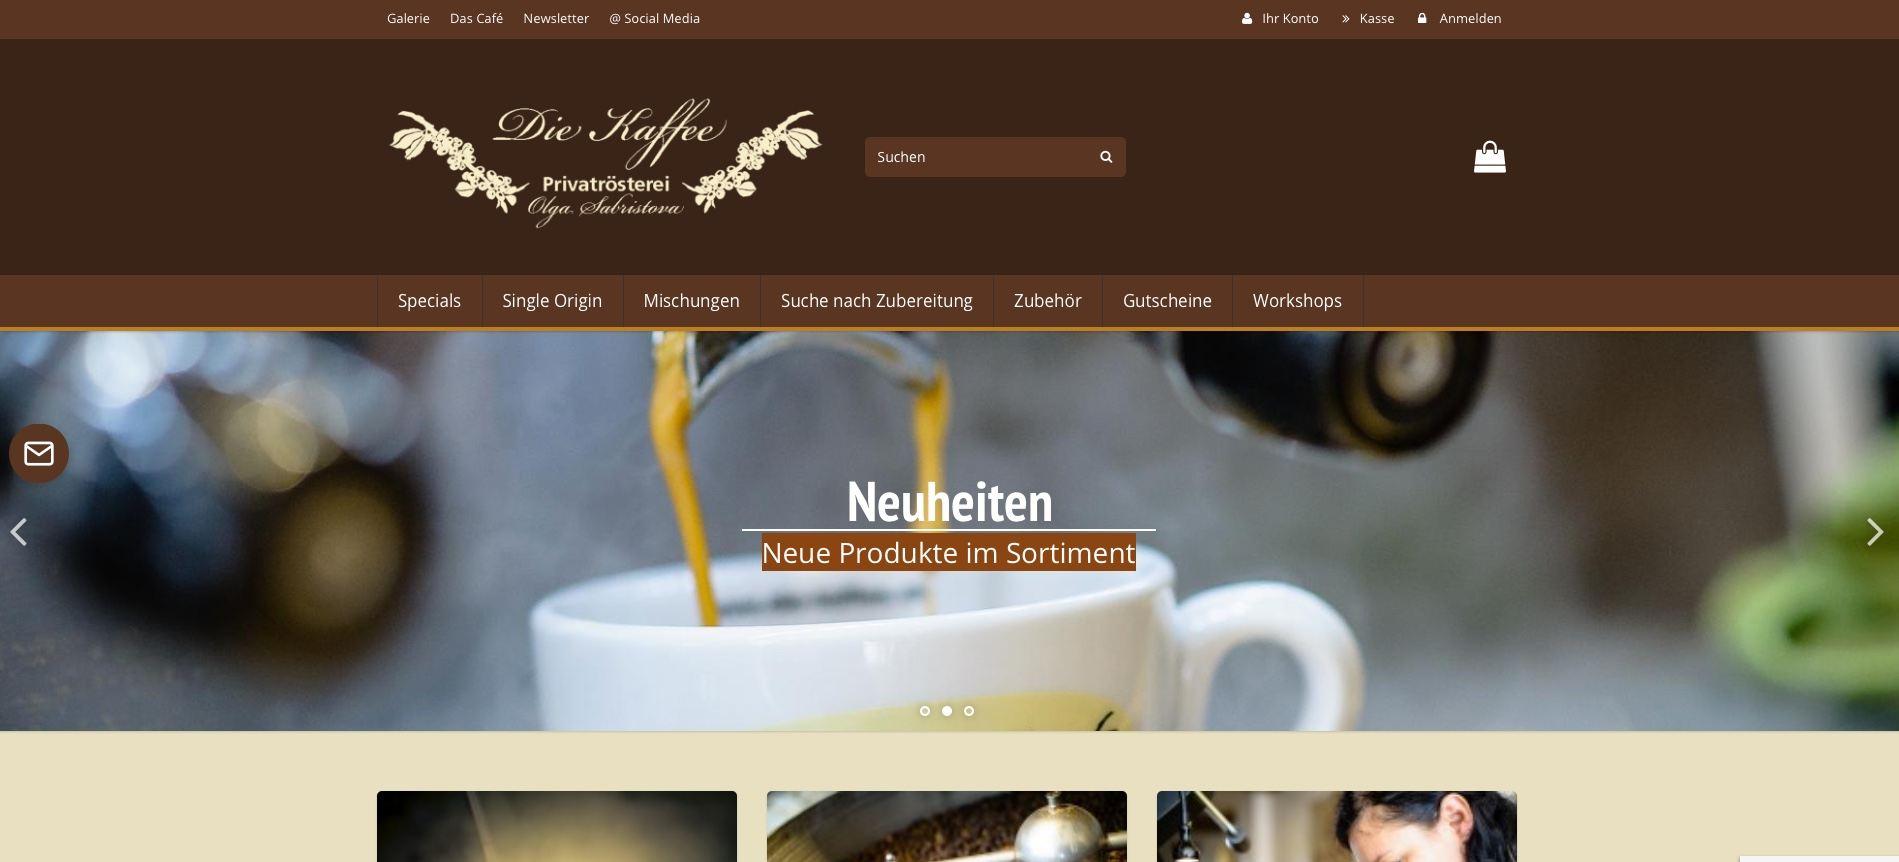 die-kaffee.de gehört zu den Top 50 Online Shops auf ExpertenTesten.de